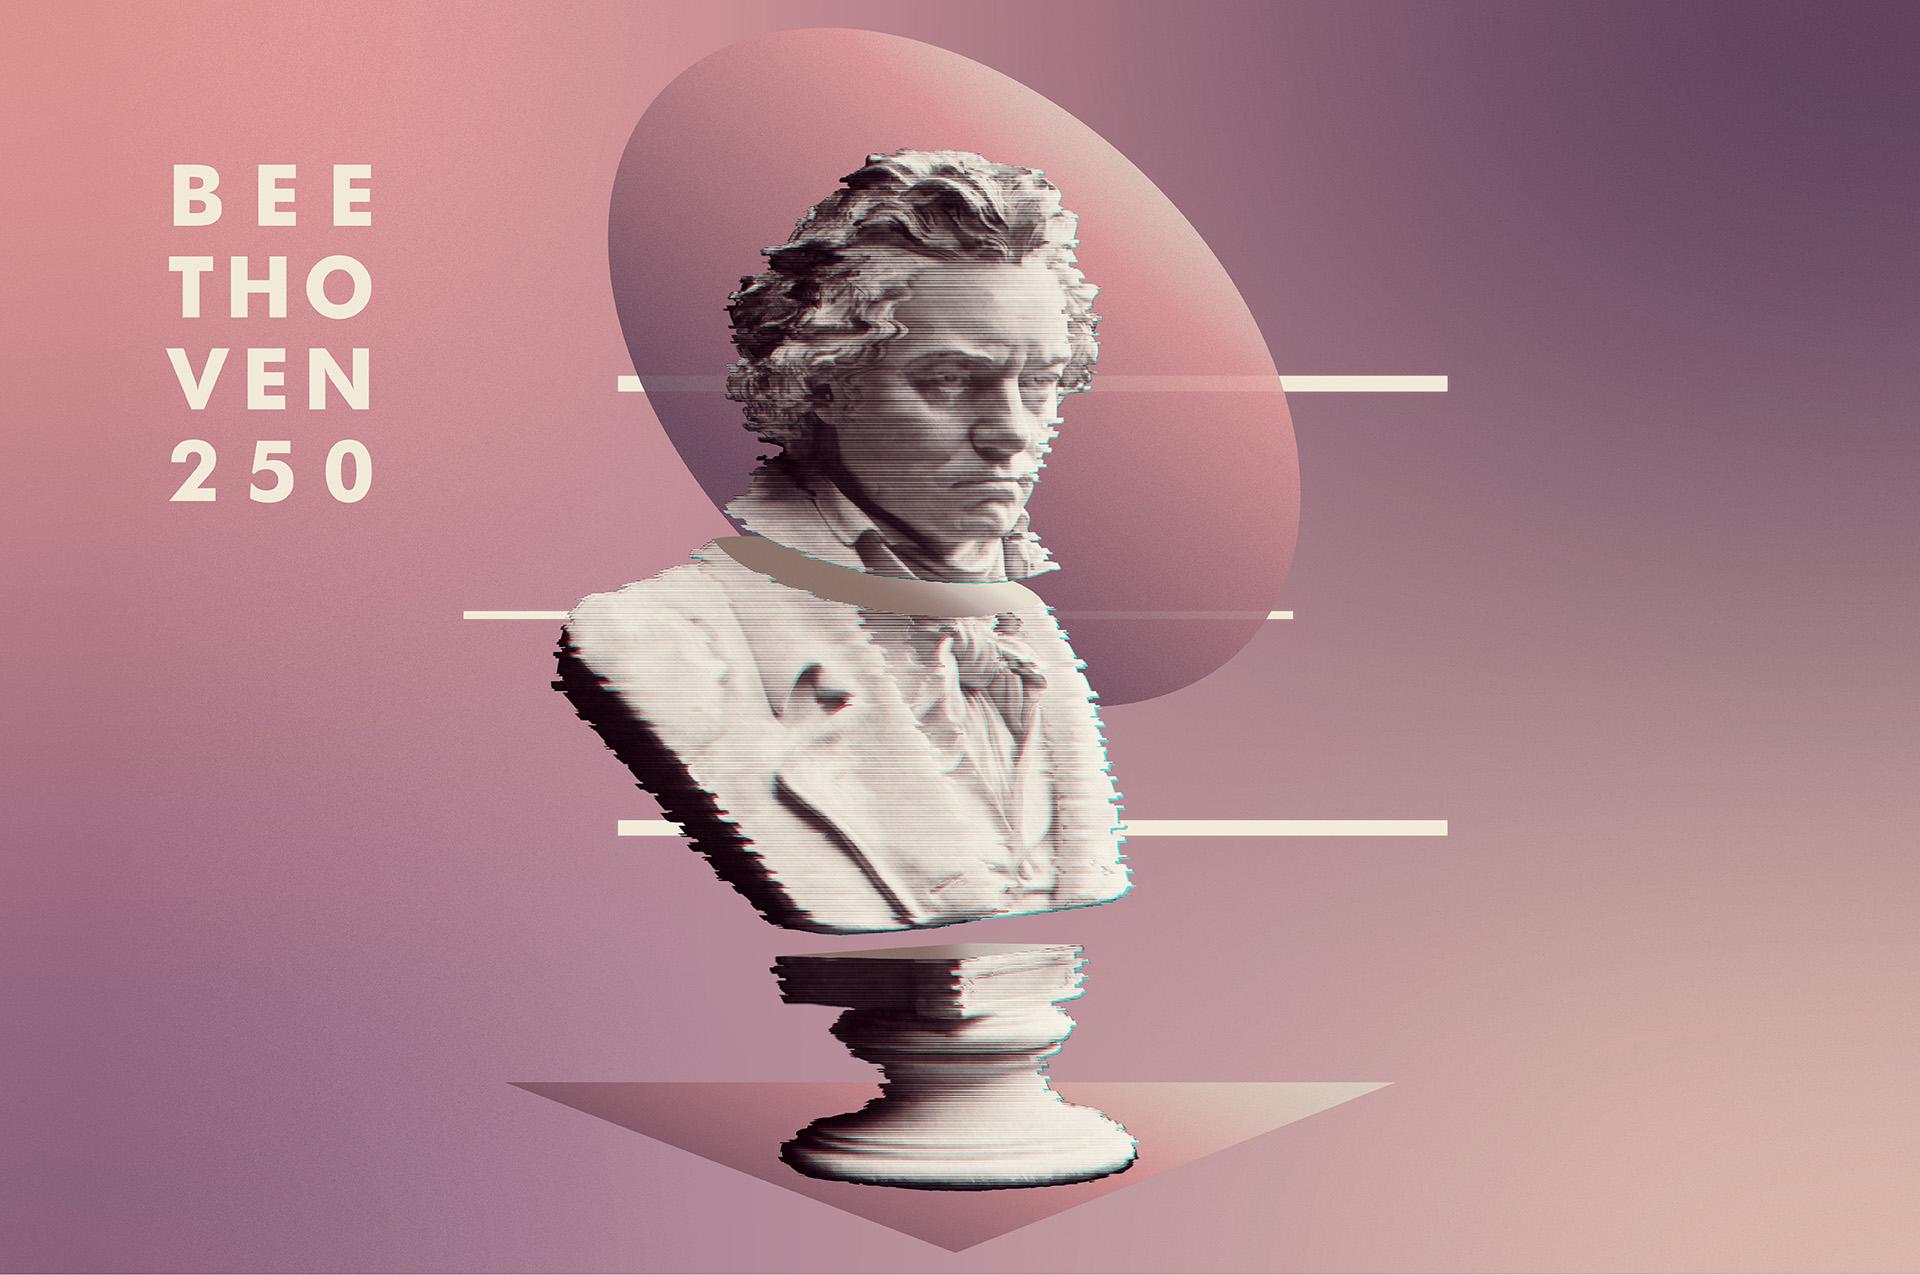 Diseño alusivo 250° aniversario del natalicio de Beethoven